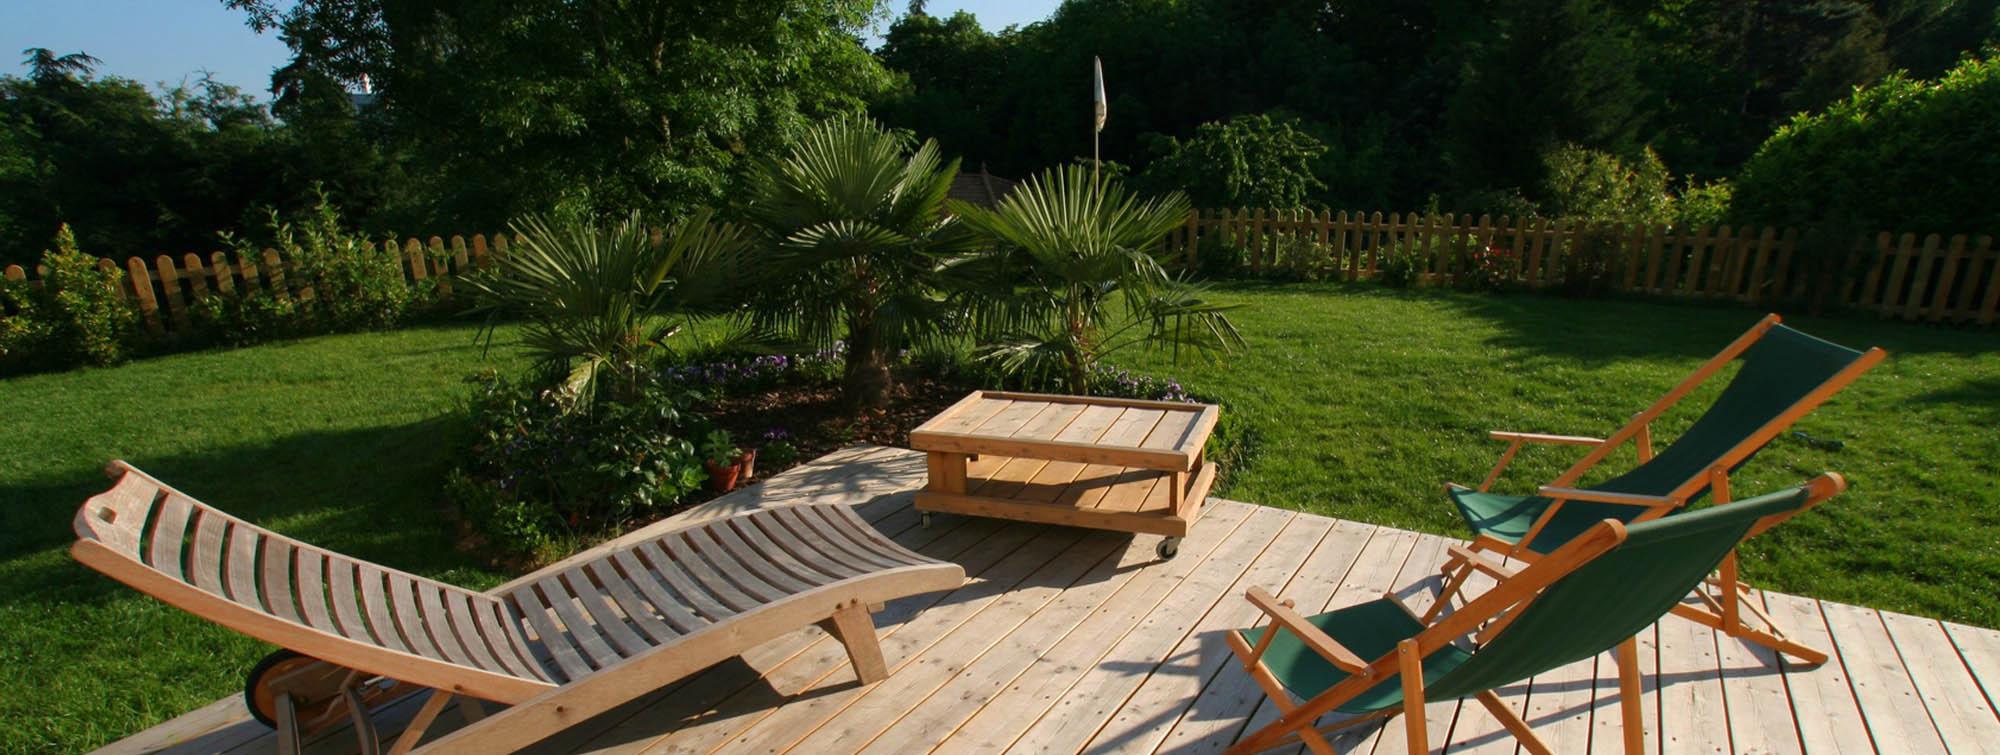 paysagiste montreuil sous bois entretien jardin rosny